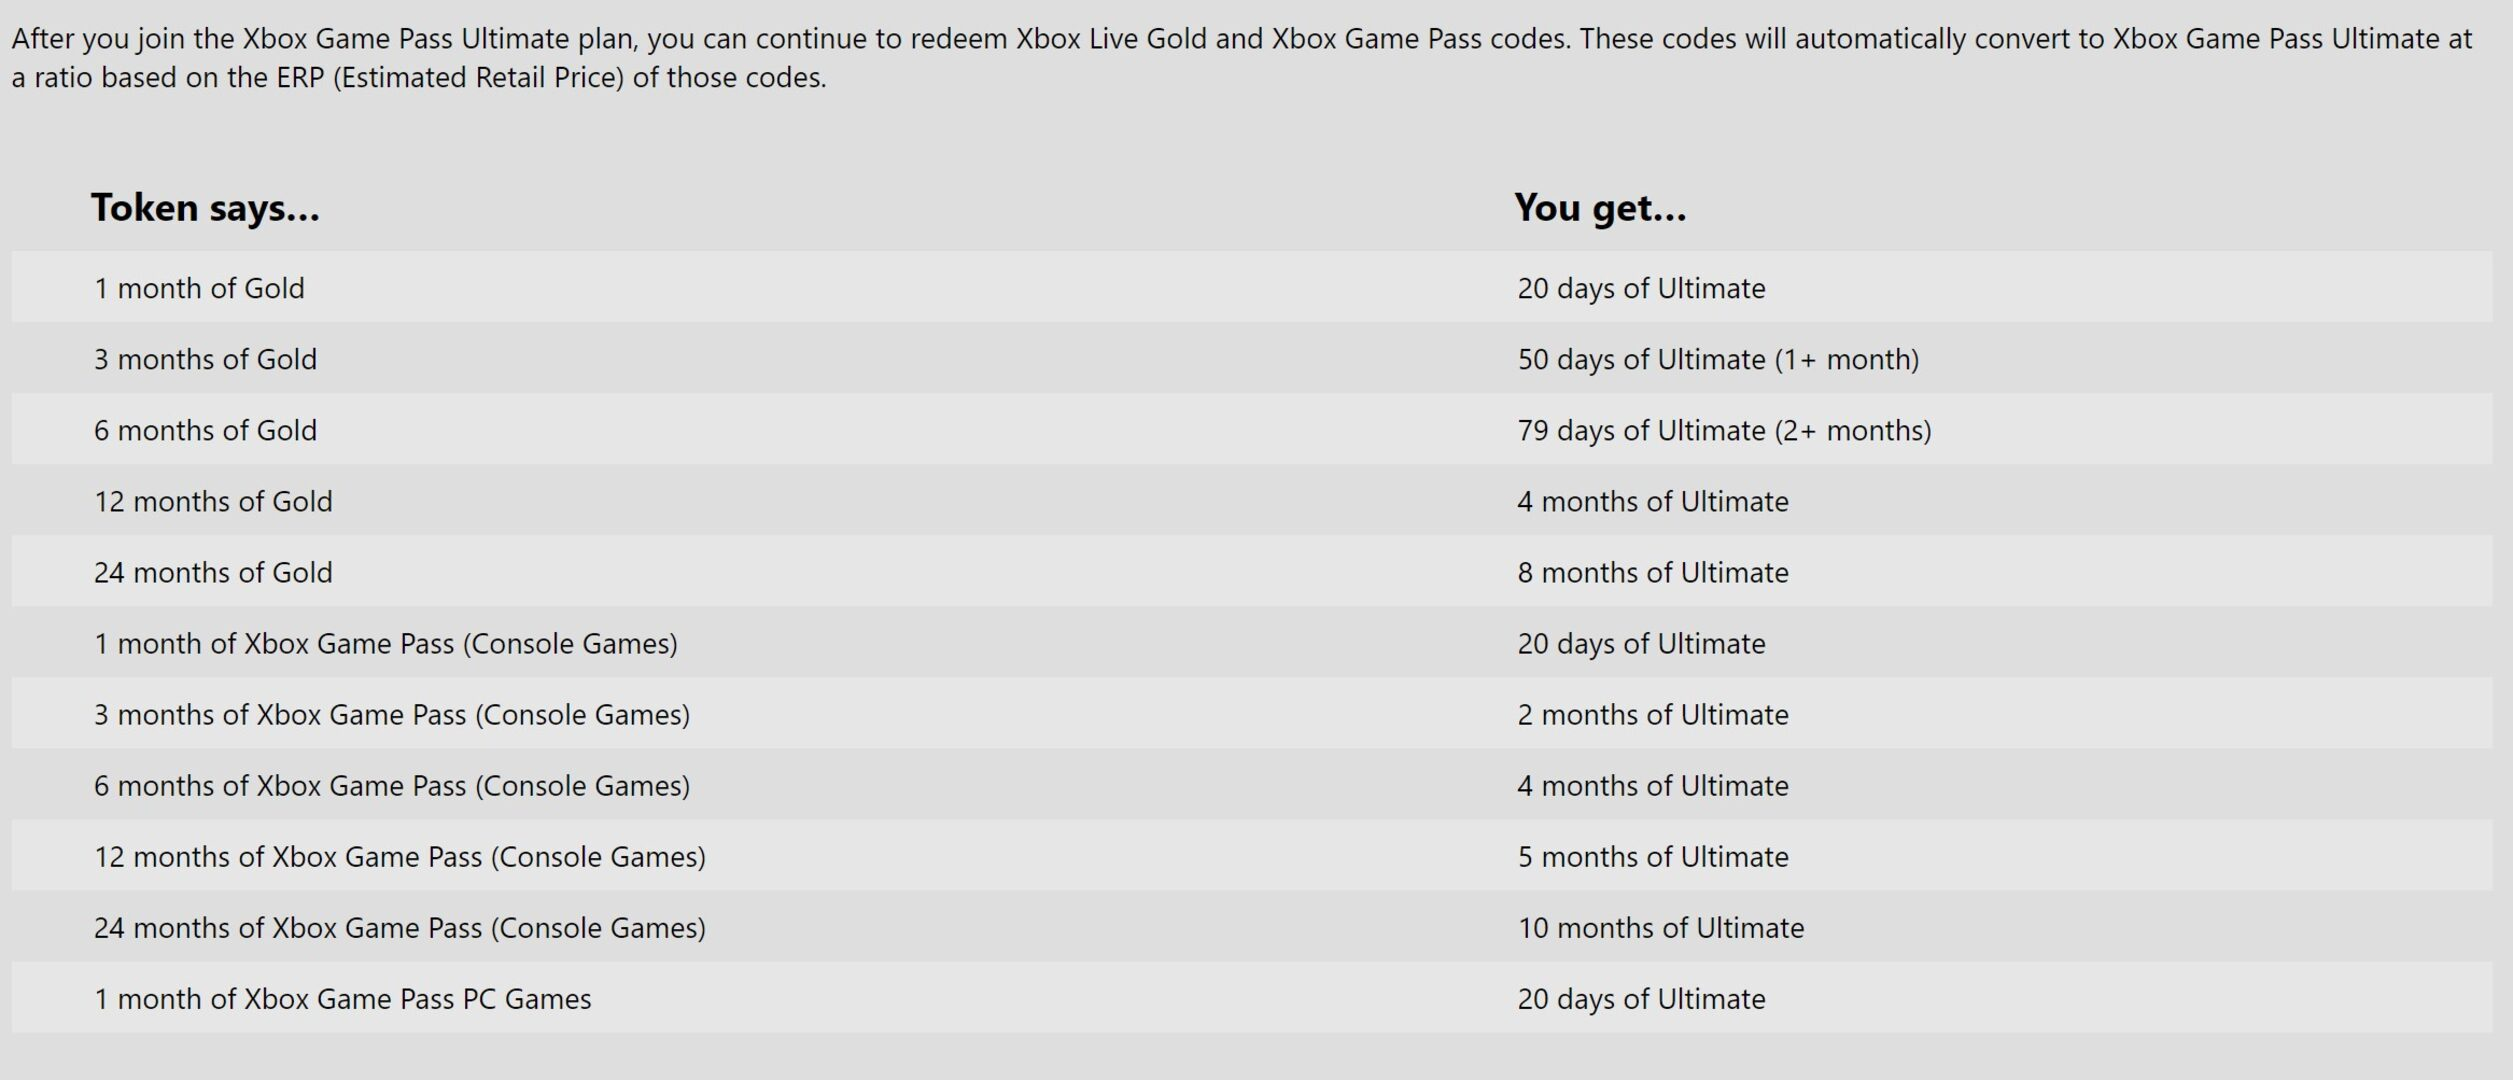 Kostenlos deutsch code gold live 2018 xbox Free Xbox